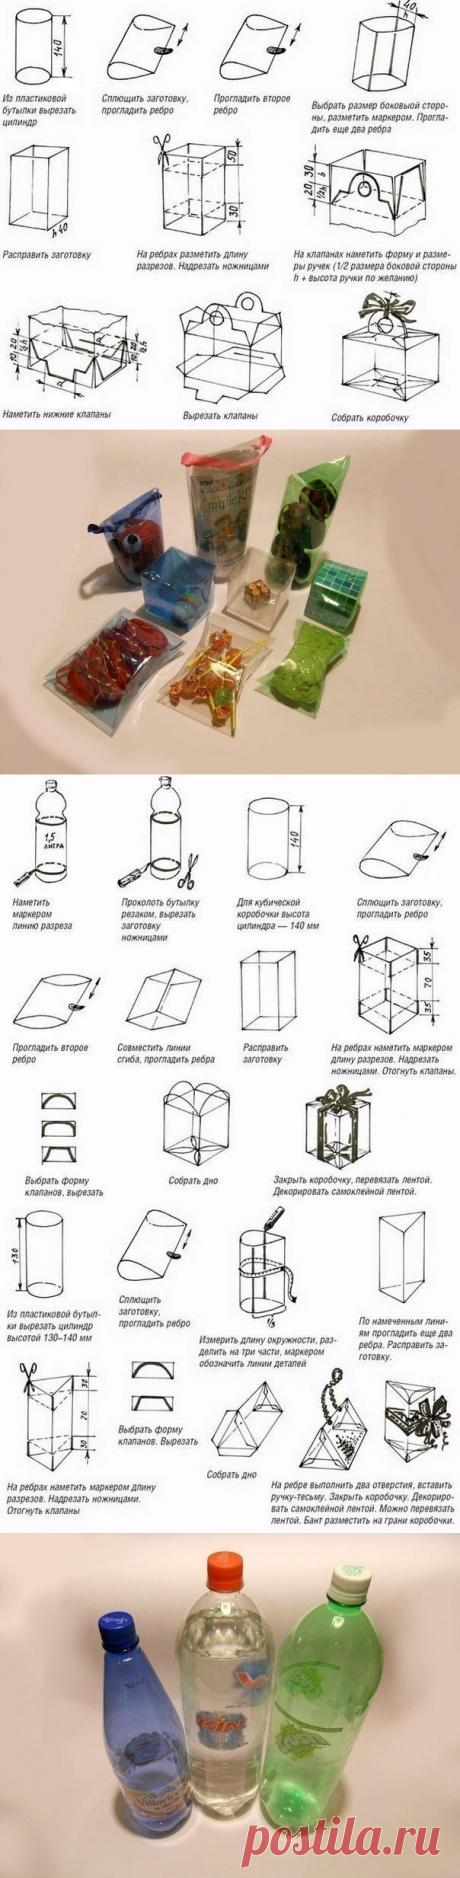 Коробочки для подарков из пластиковых бутылок